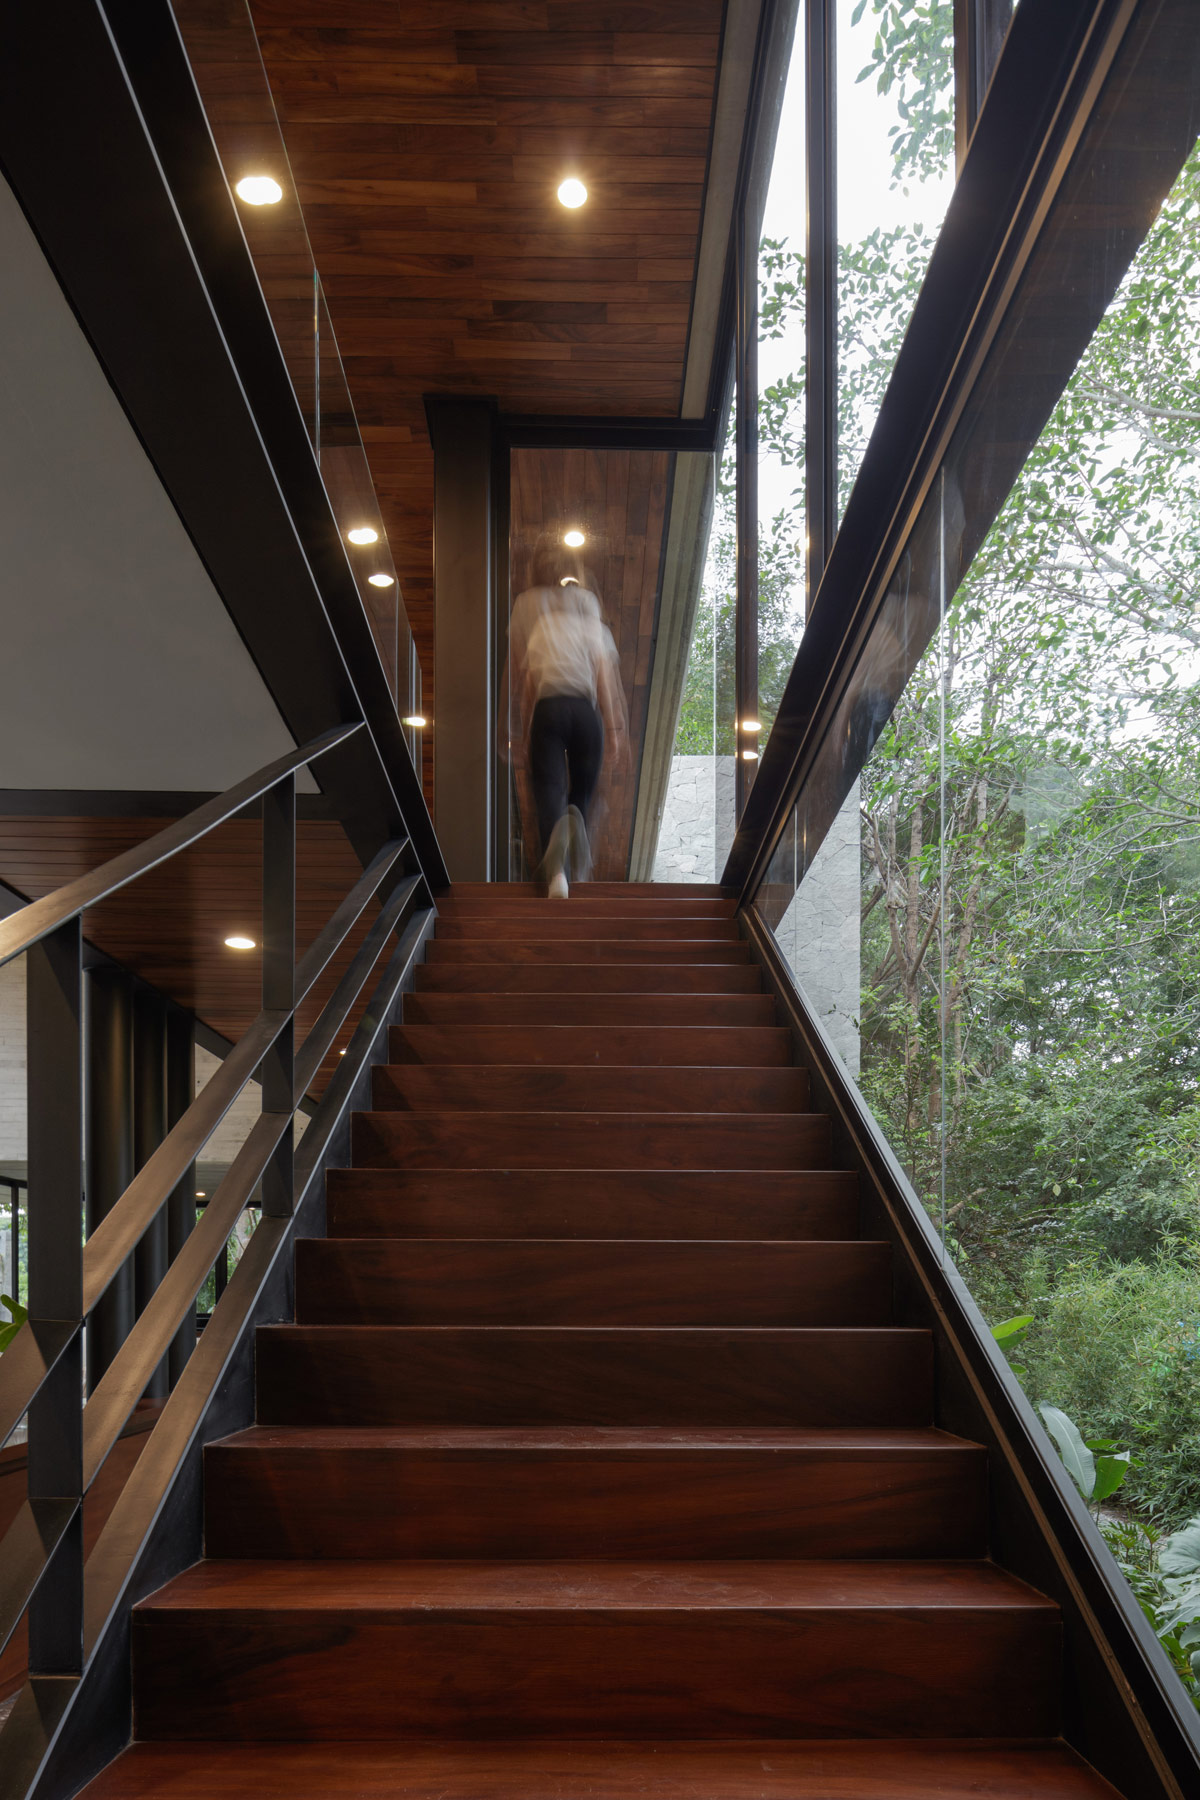 建筑与景观的完美融合! 丛林中的豪华别墅